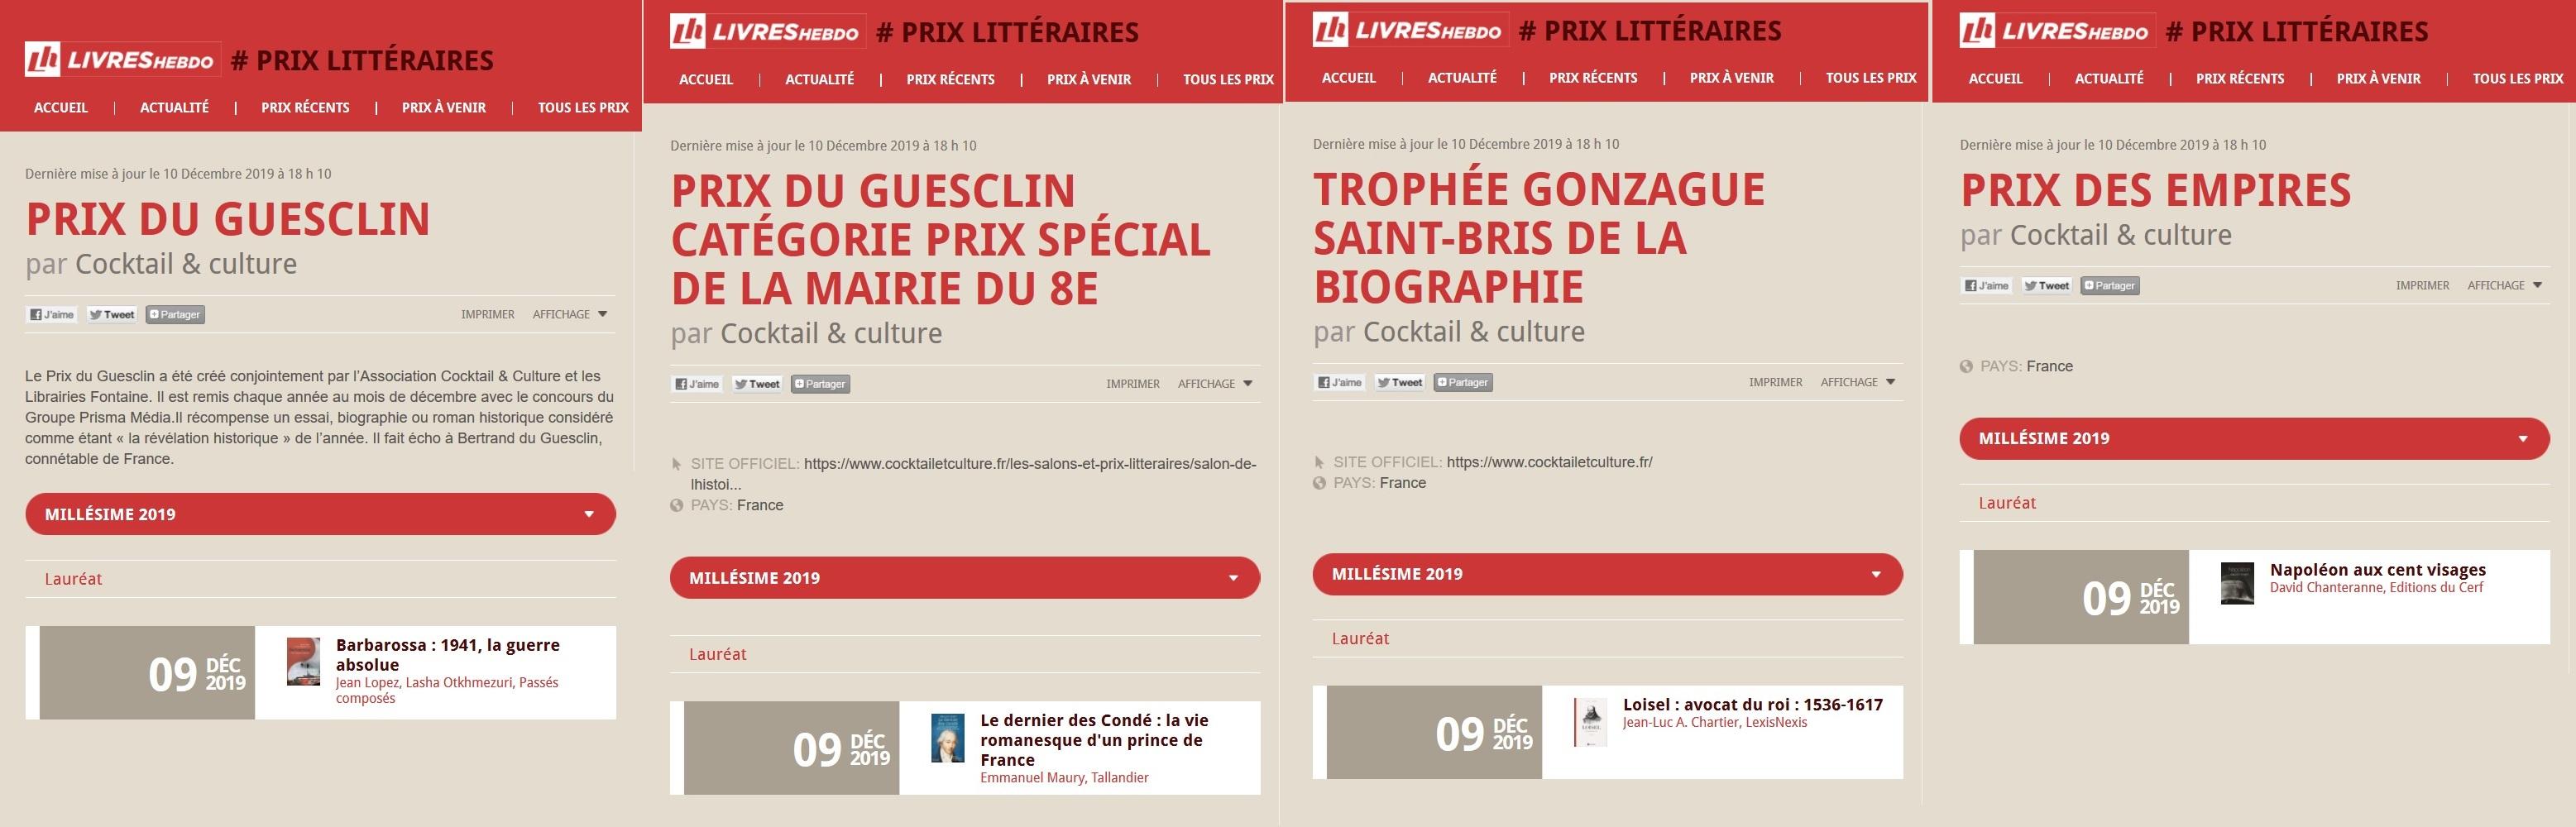 Articles Livres Hebdo tous les lauréats 2019